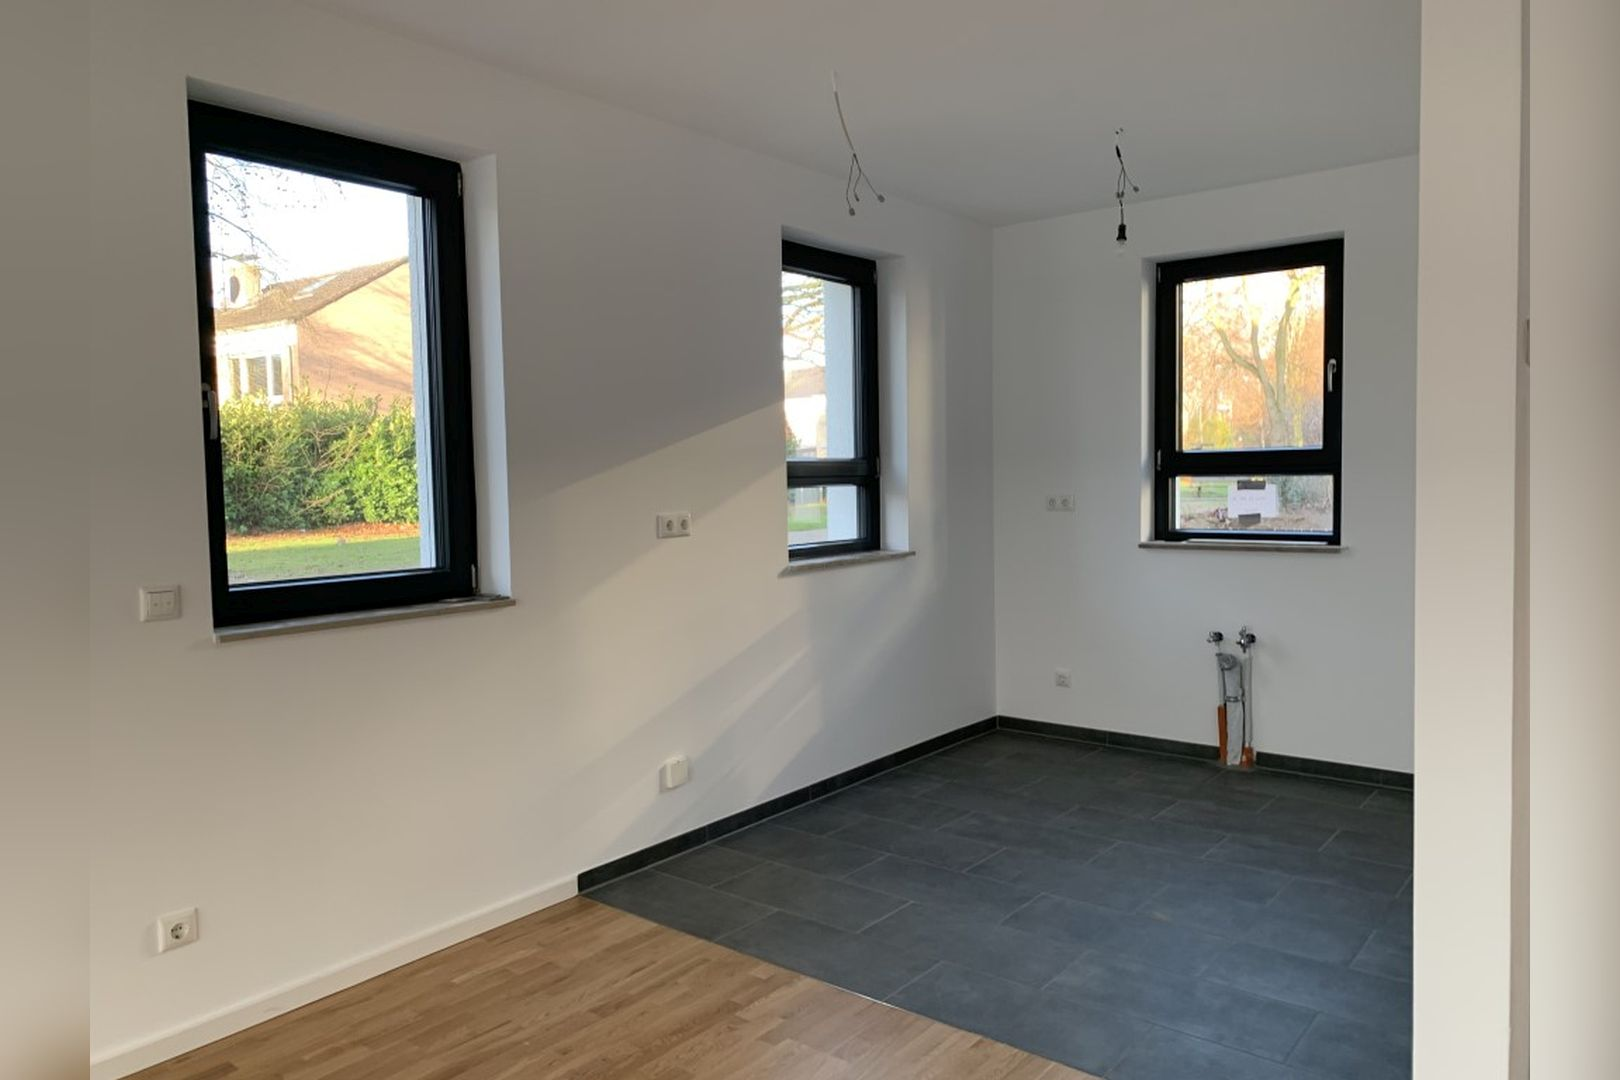 Immobilie Nr.0224 - Reihenendhaus mit kl. Garten u. 2 TG-Plätzen - Bild 5.jpg